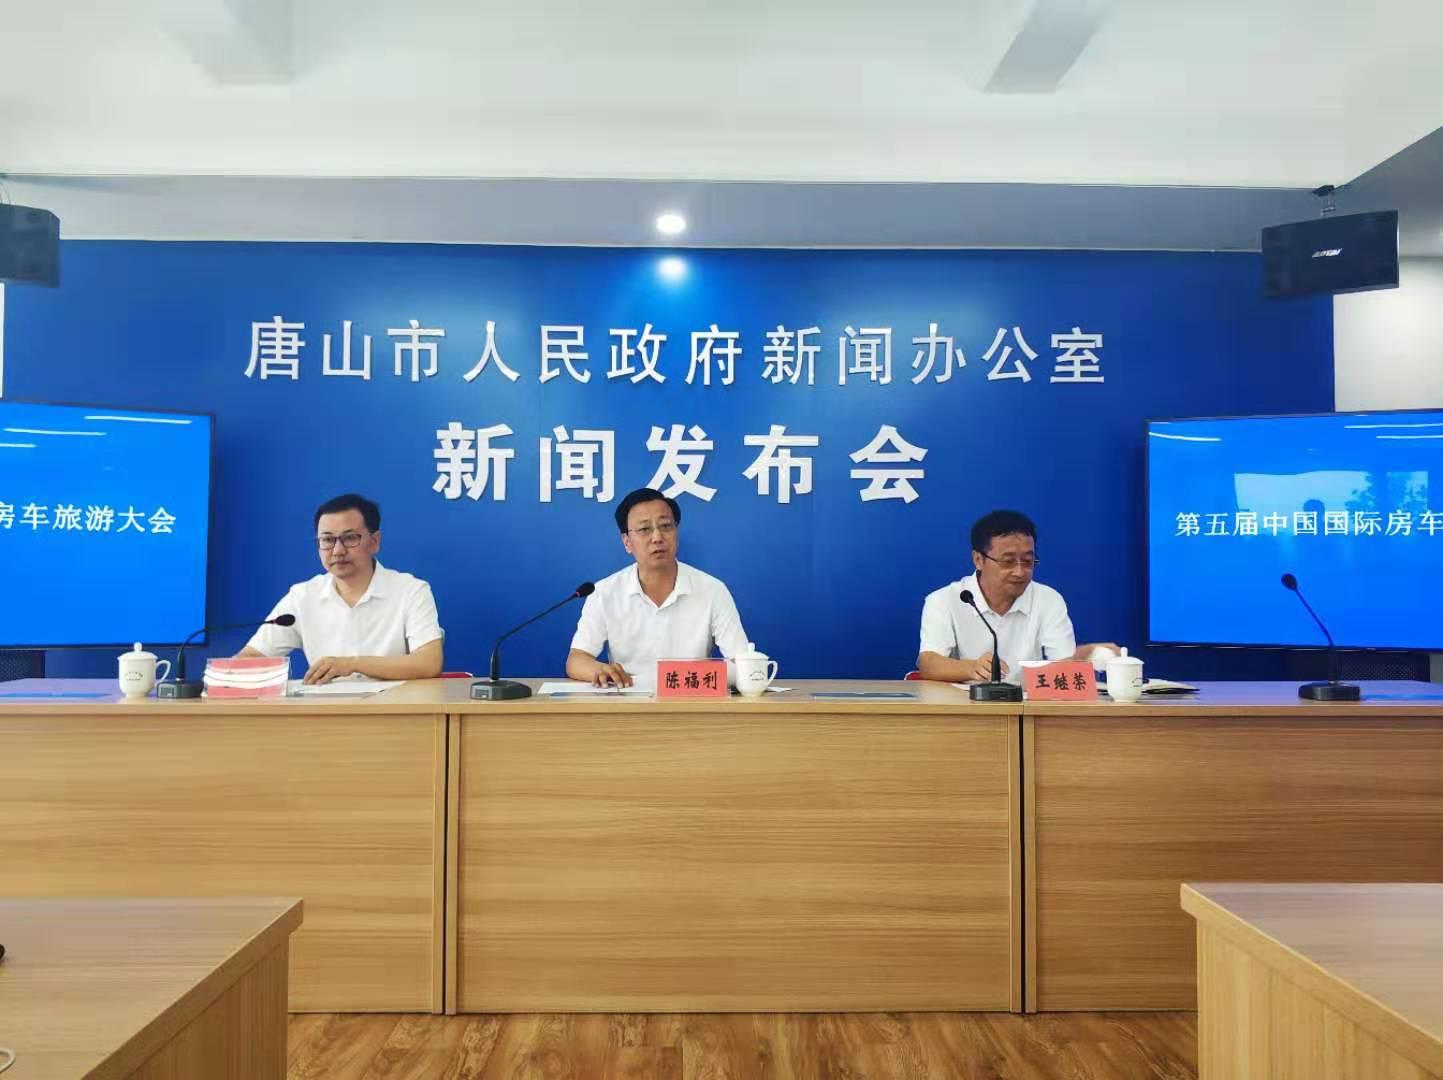 房车慢生活 旅游新风尚 第五届中国国际房车旅游大会新闻发布会召开